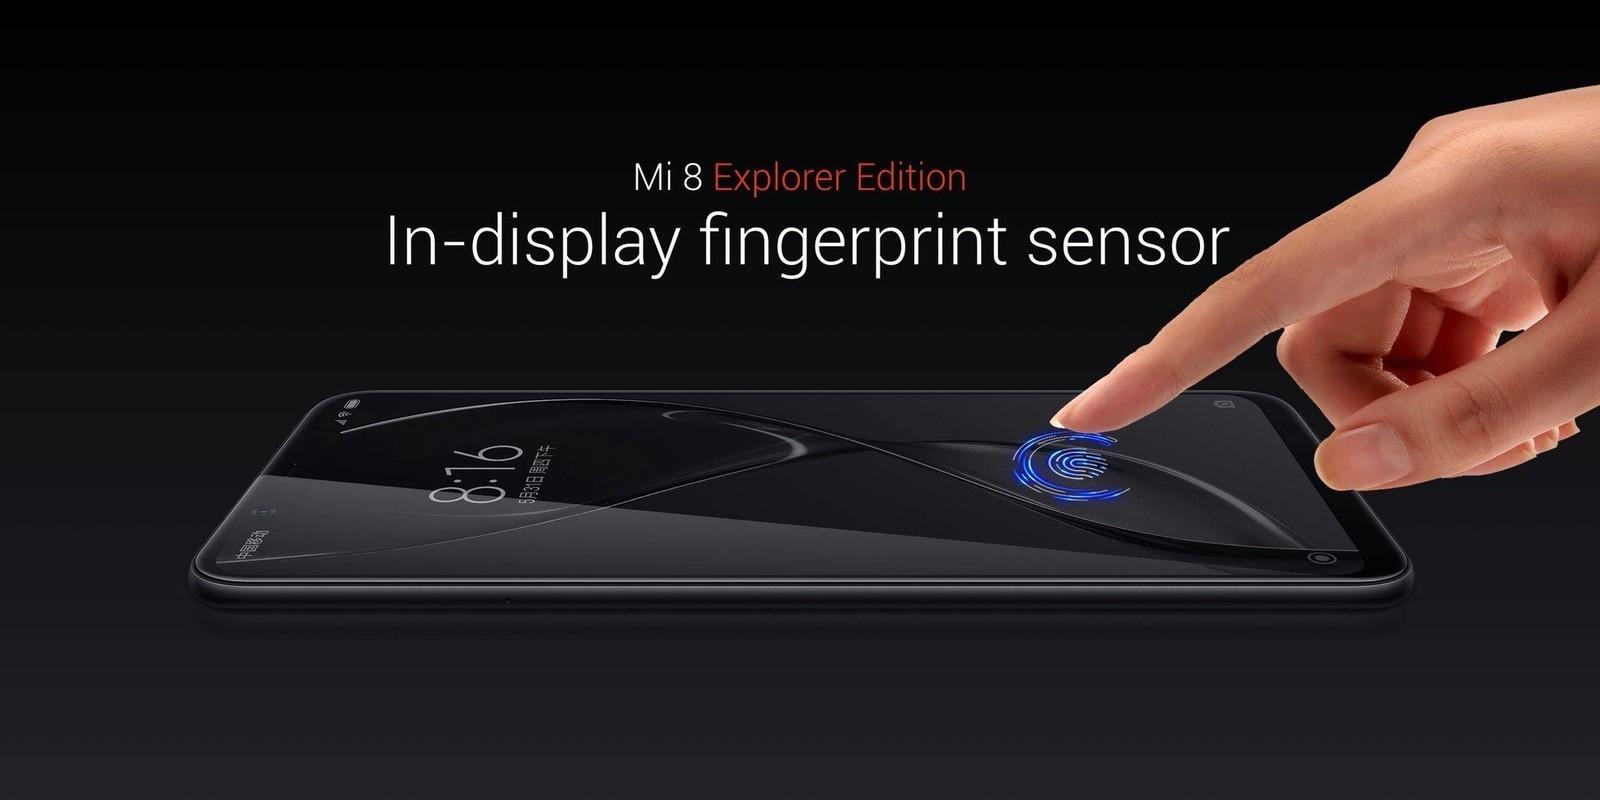 Самый навороченный изтройки — Xiaomi Mi8 Explorer Edition